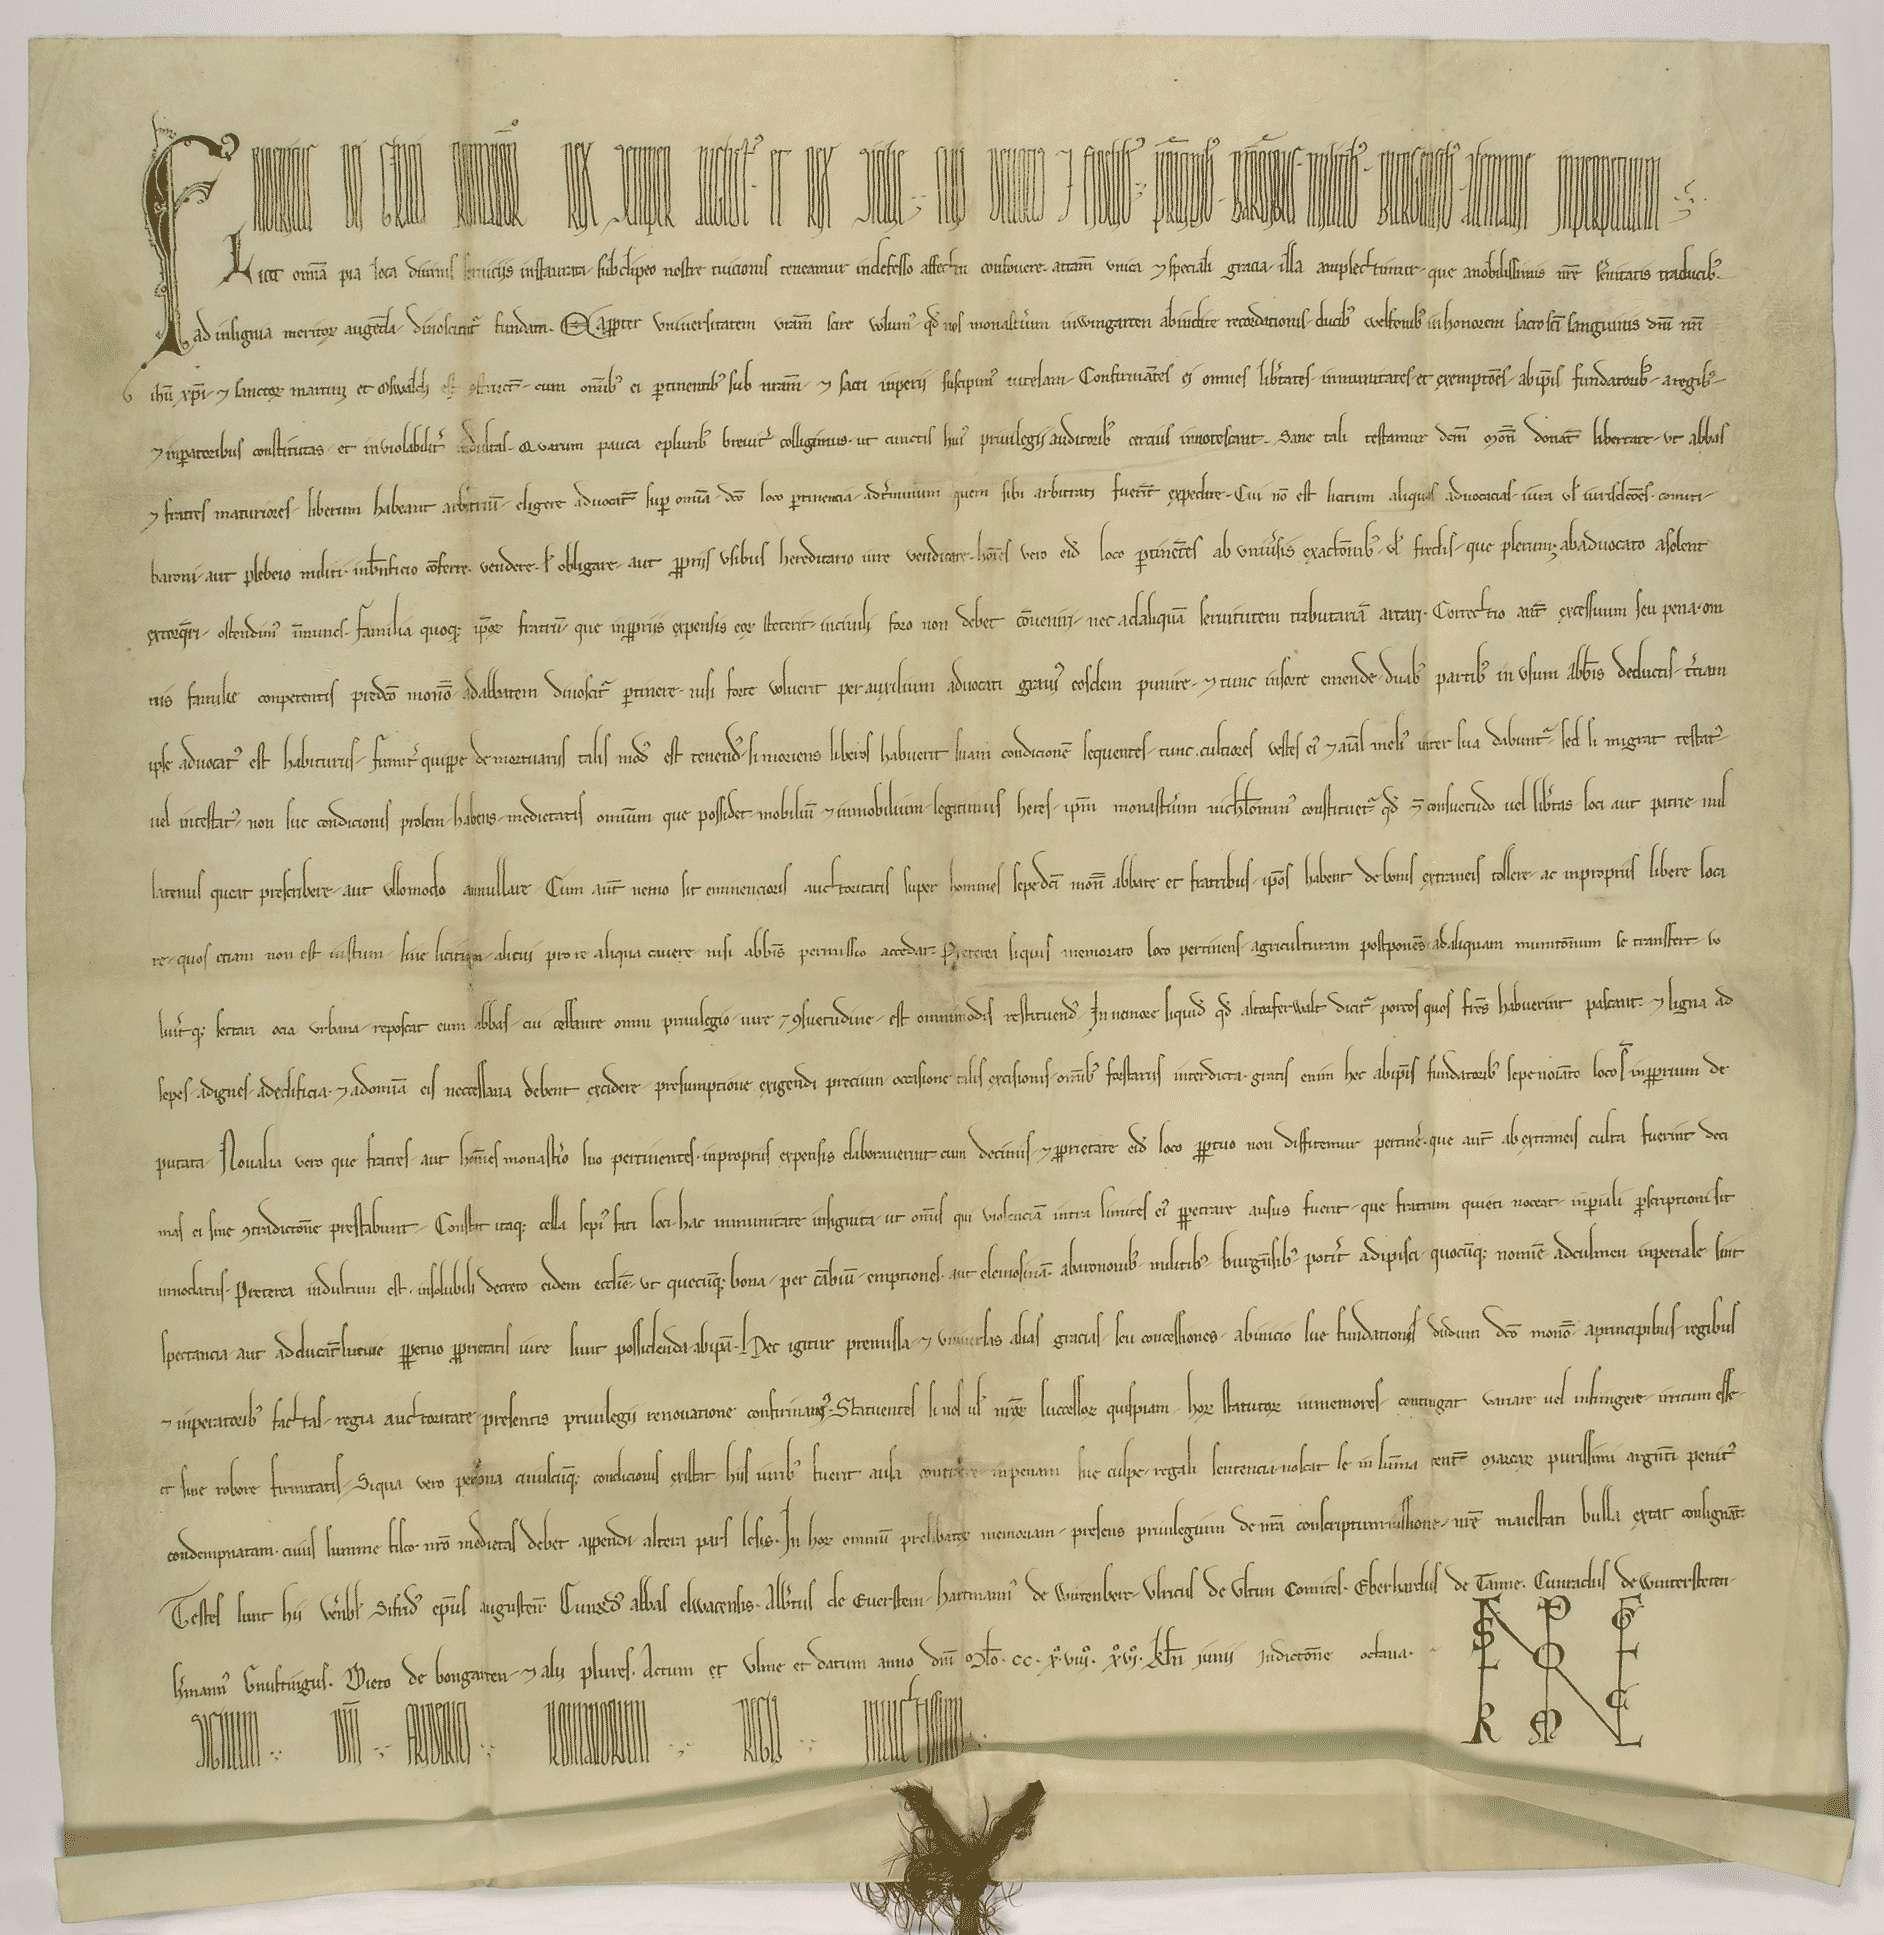 König Friedrich (II.) nimmt das Kloster Weingarten in seinen und des Reiches Schutz und bestätigt und gewährt demselben eine Reihe namentlich aufgezählter Rechte und Freiheiten., Bild 1